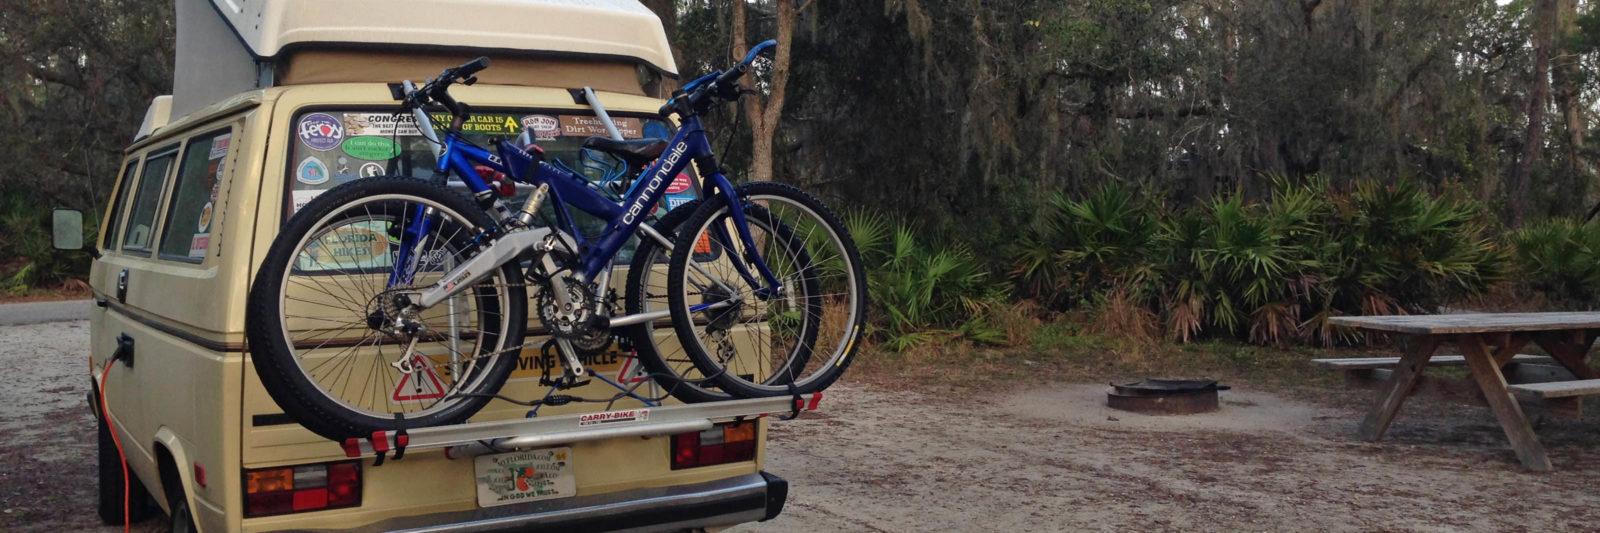 van camping at Lake Manatee